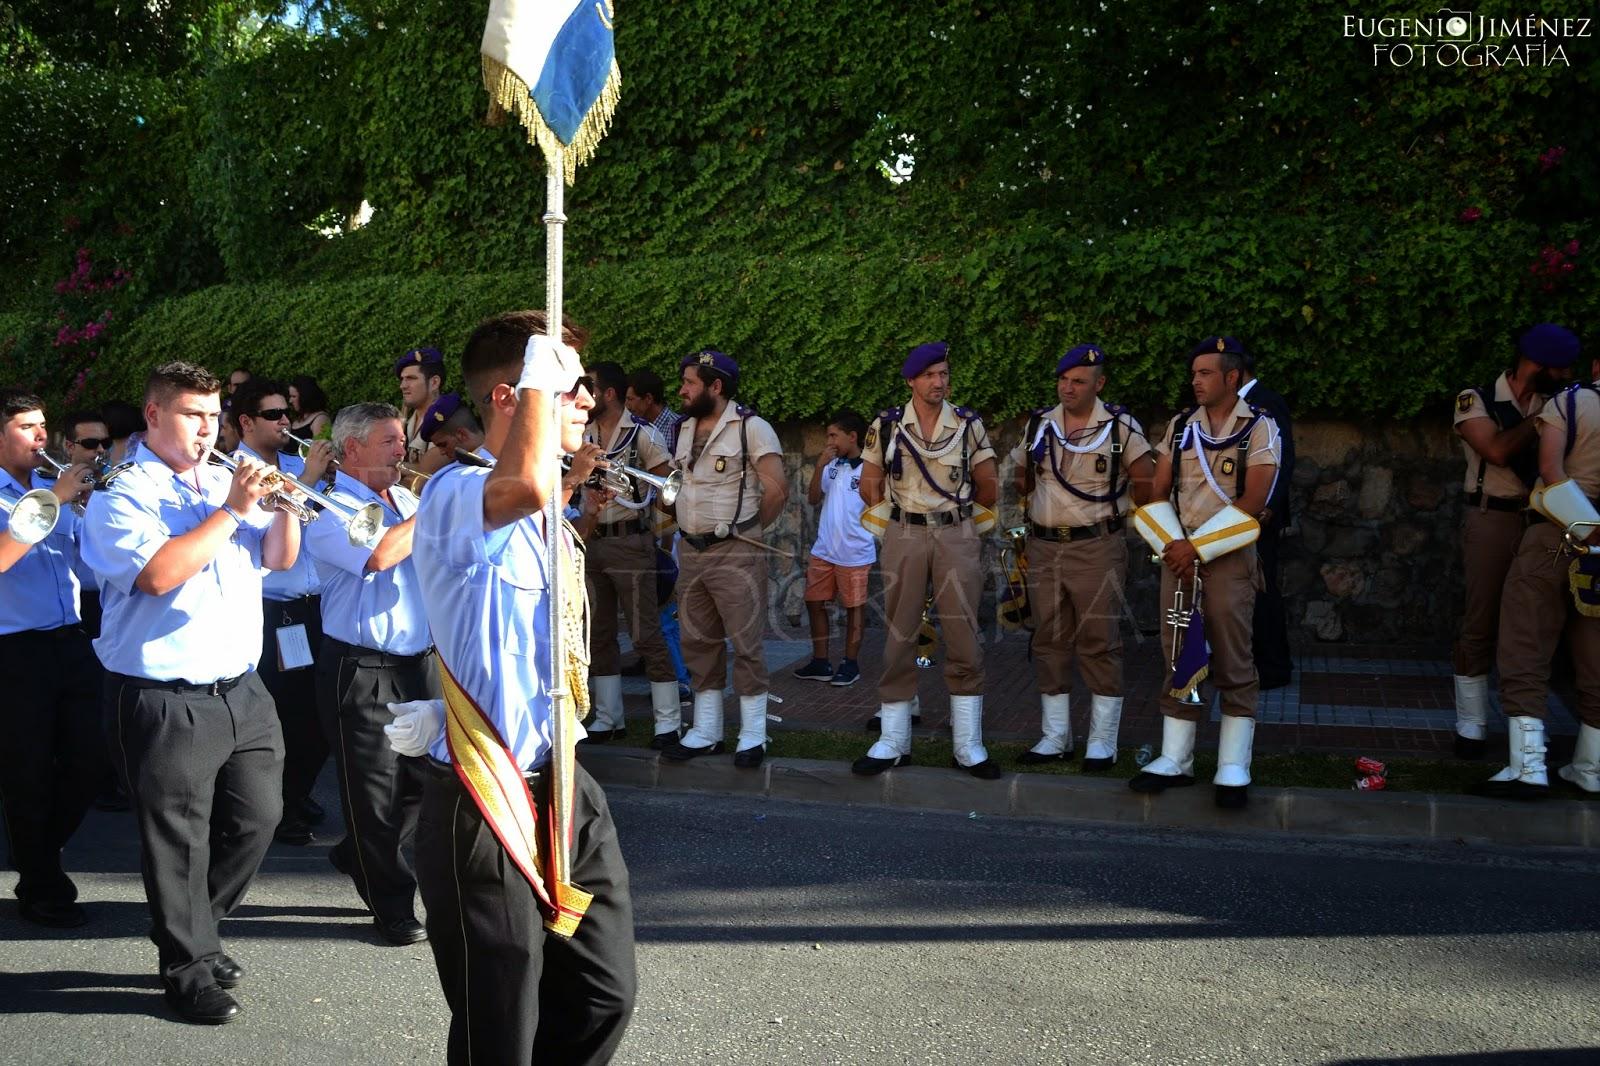 Resultado de imagen de Fiesta de San Roque (Alhaurín el Grande)